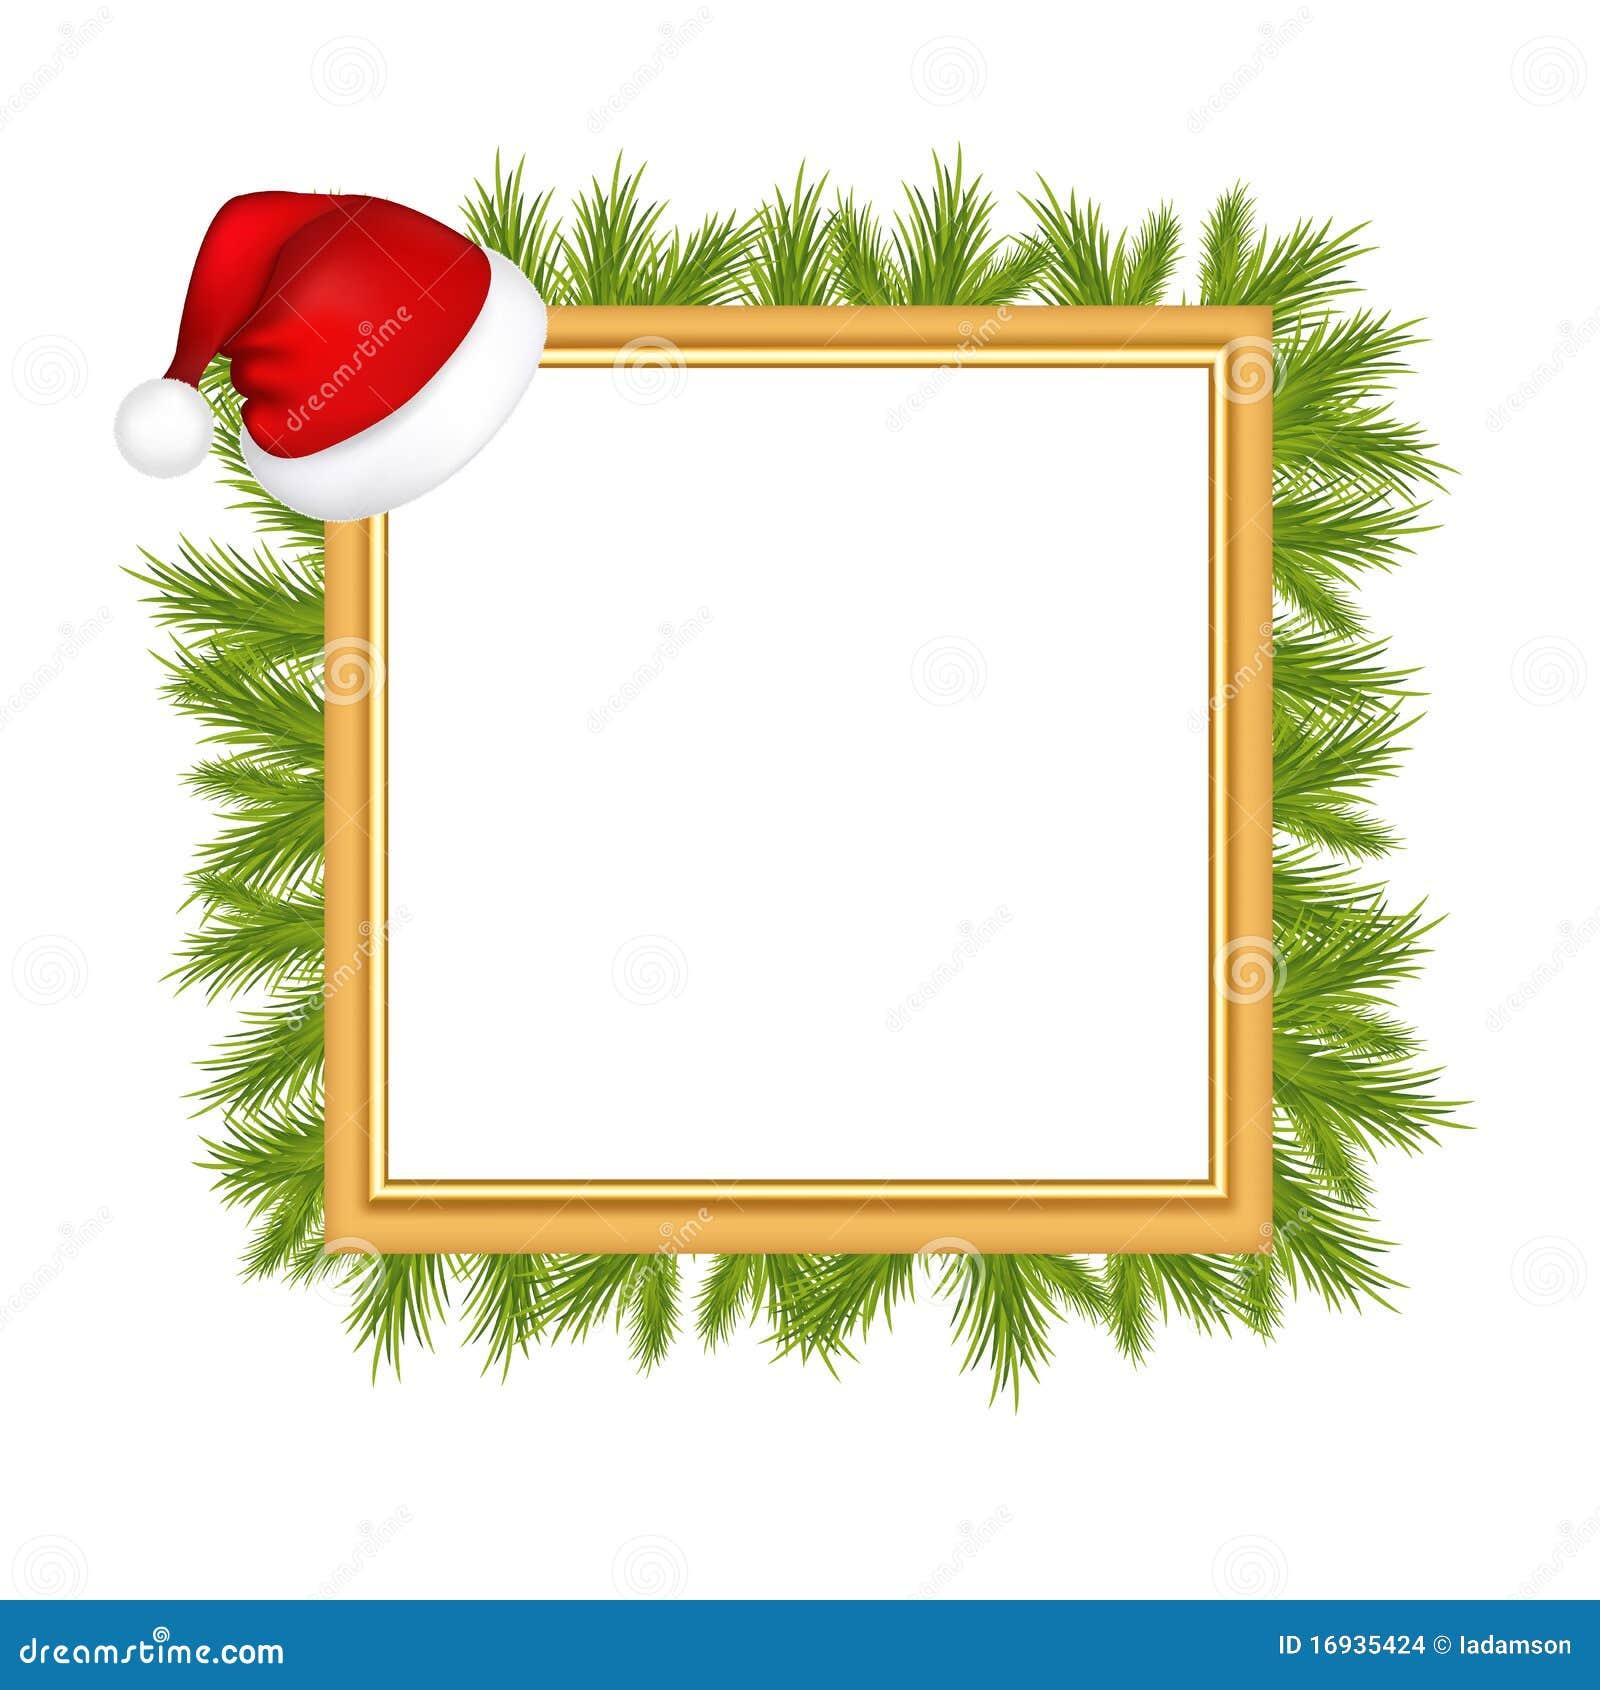 rahmen f r foto mit weihnachtsmann hut vektor abbildung illustration von bild album 16935424. Black Bedroom Furniture Sets. Home Design Ideas